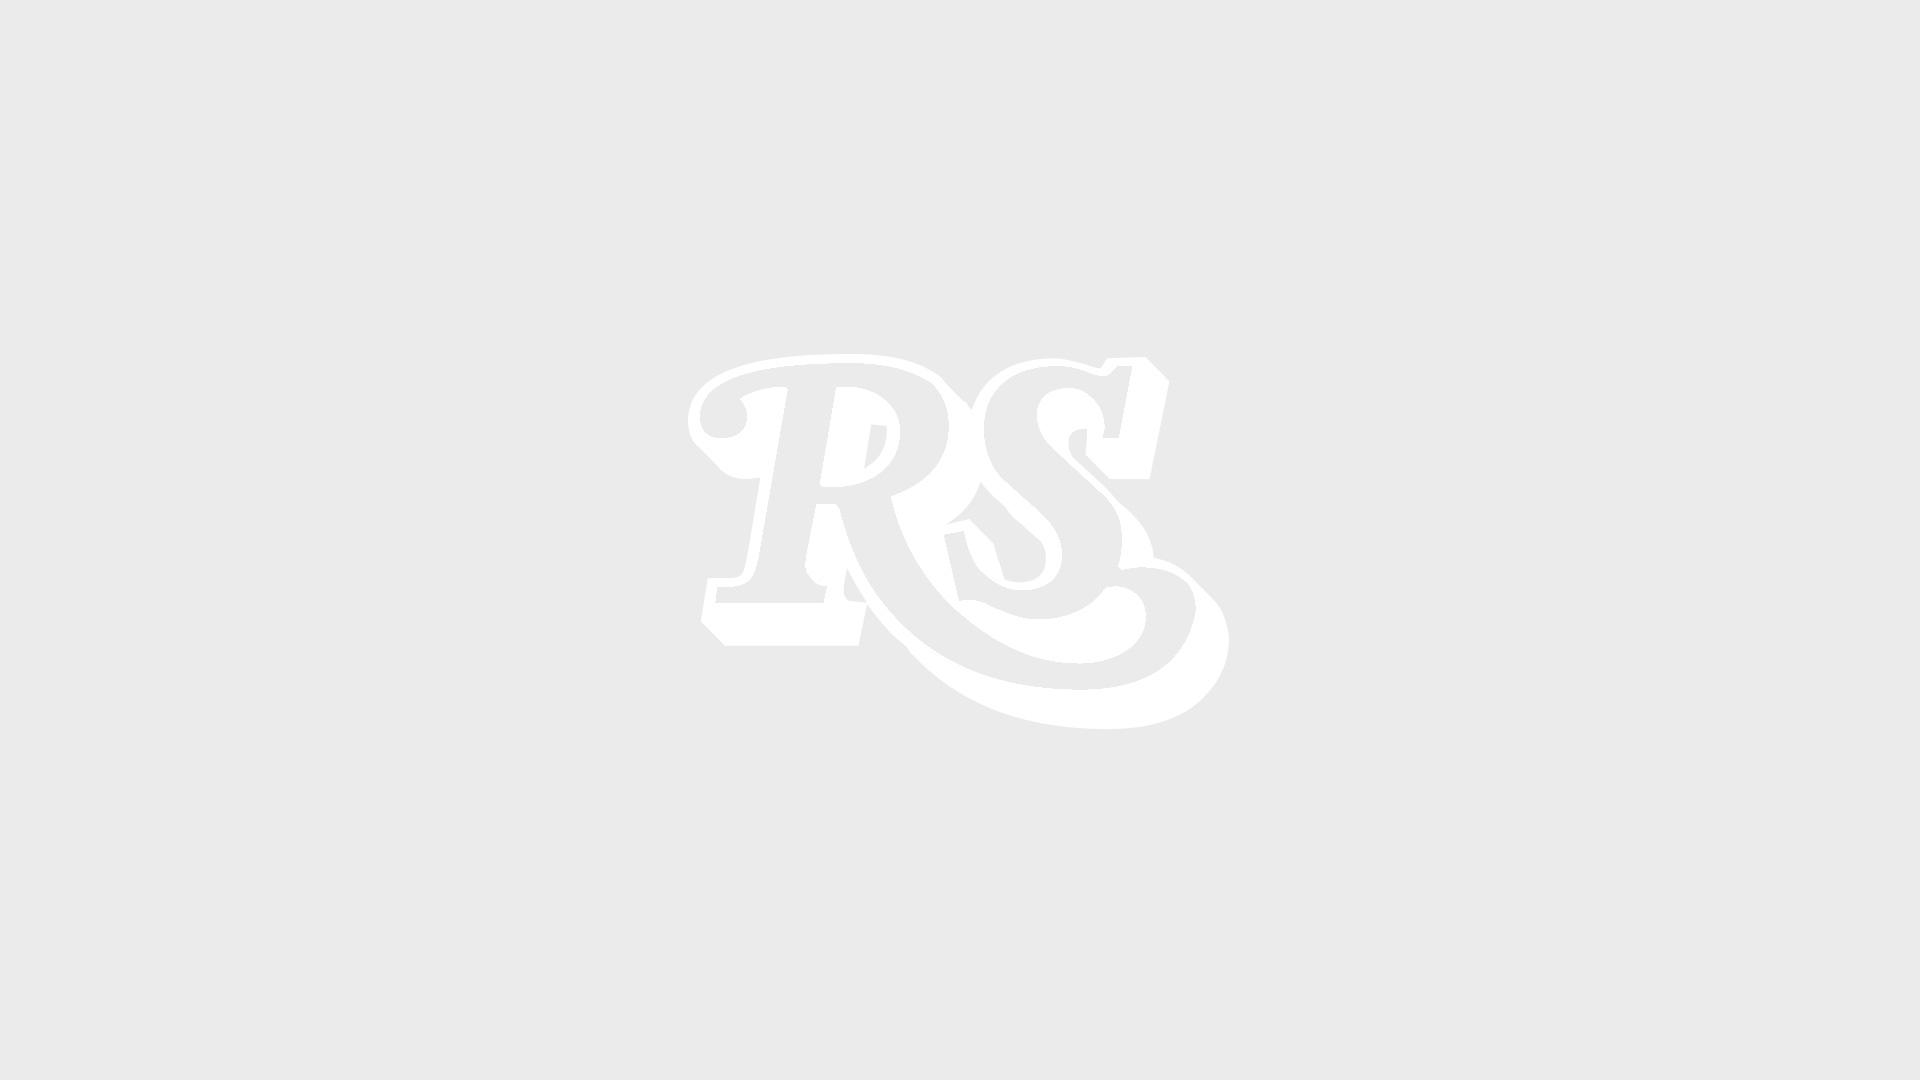 James Blake : Wann erscheint das neue Album?